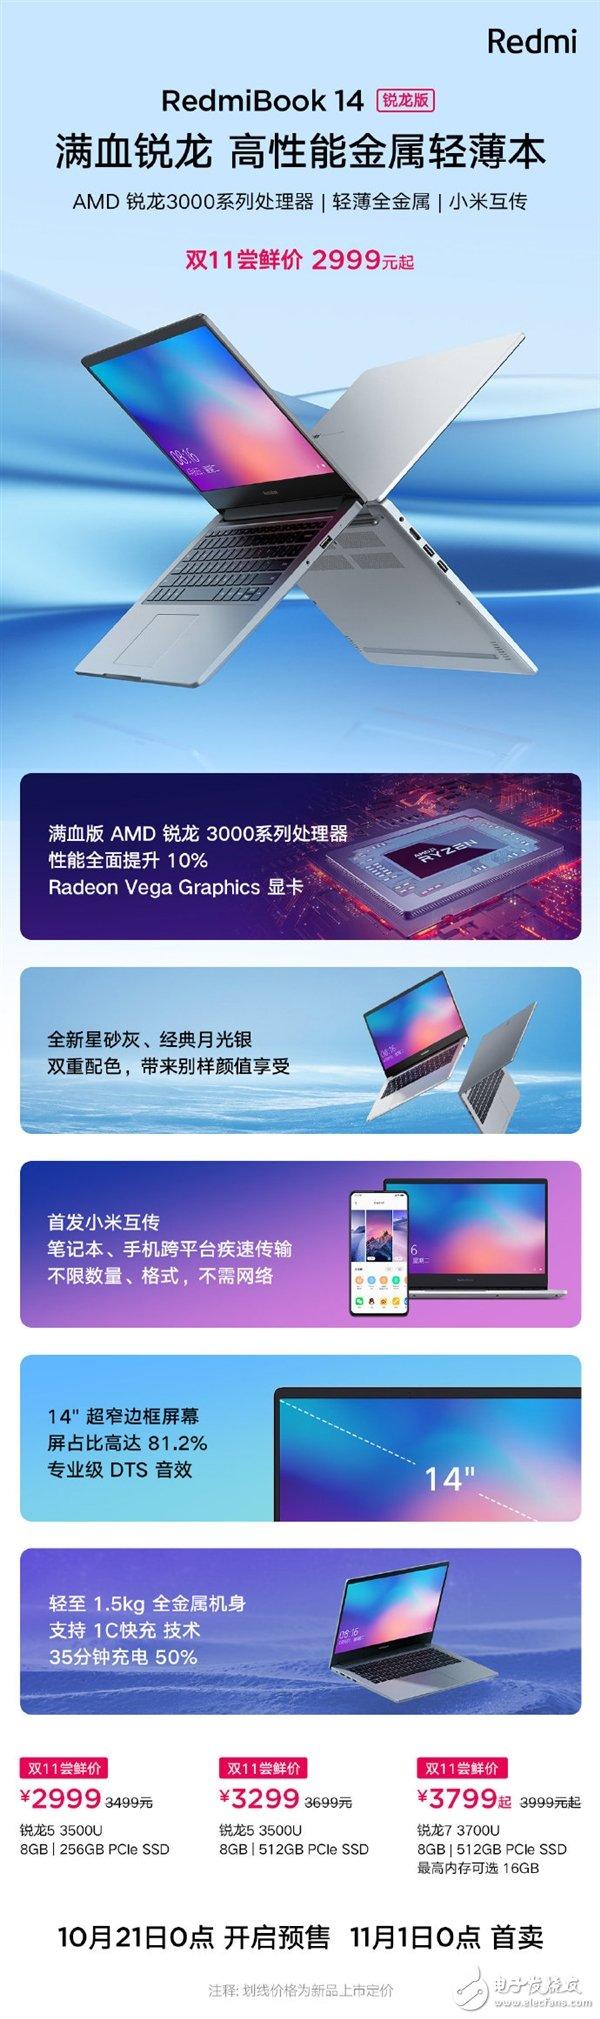 Redmi首款AMD笔记本正式发布 双11尝鲜价2999元起